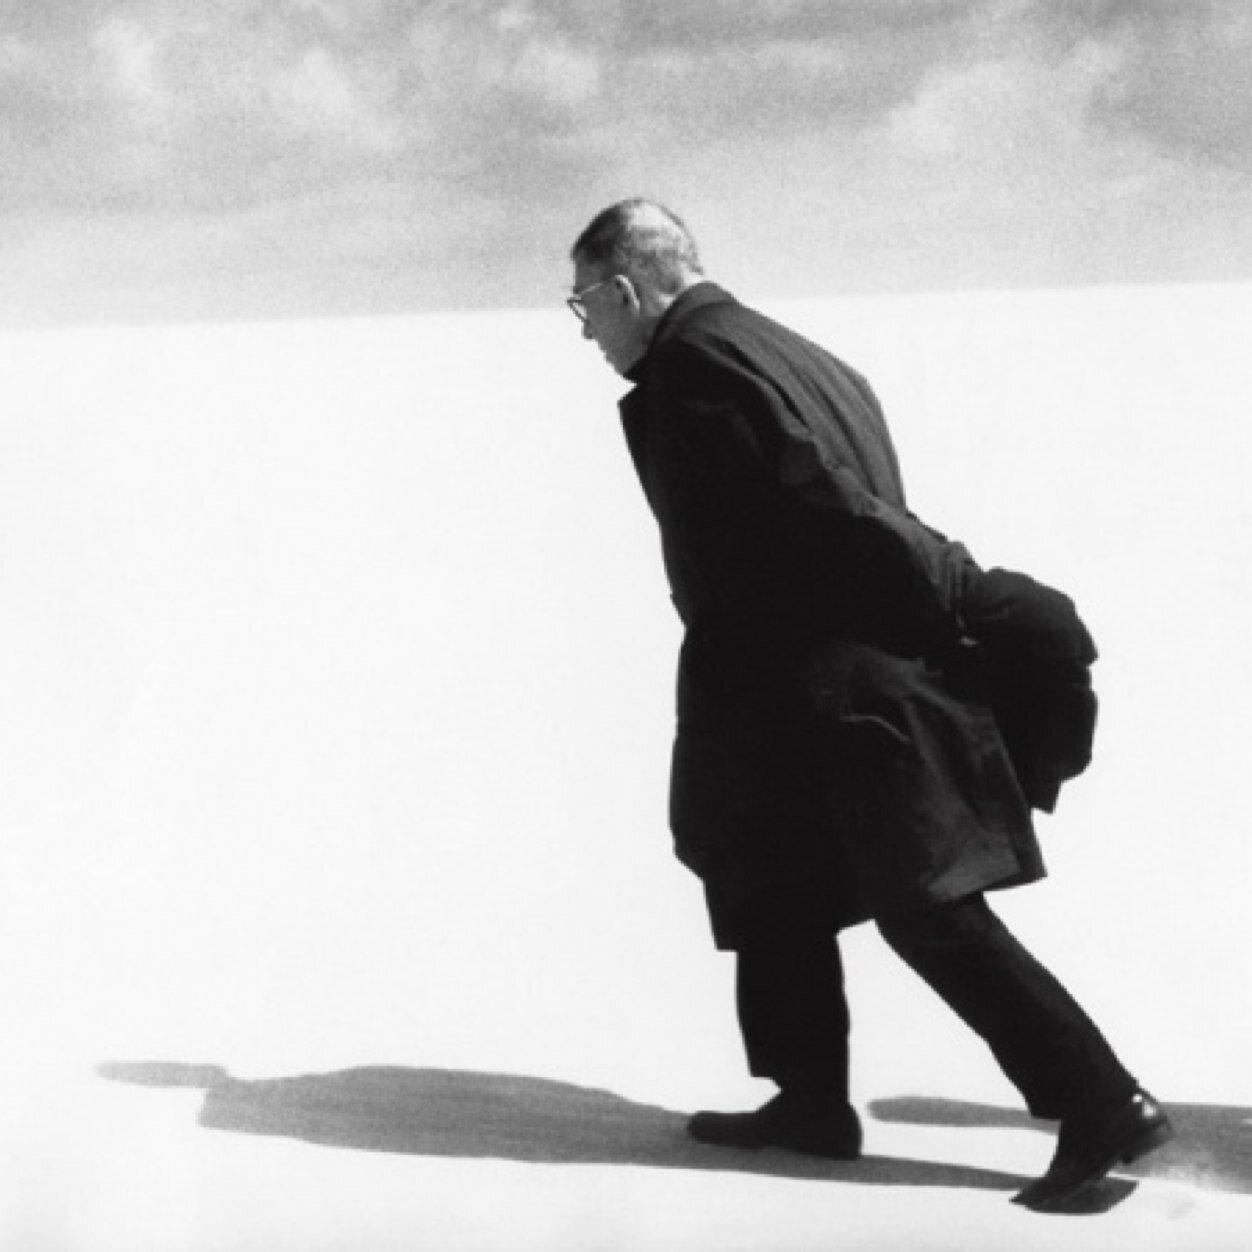 41. 1965. Жан-Поль Сартр в Ниде